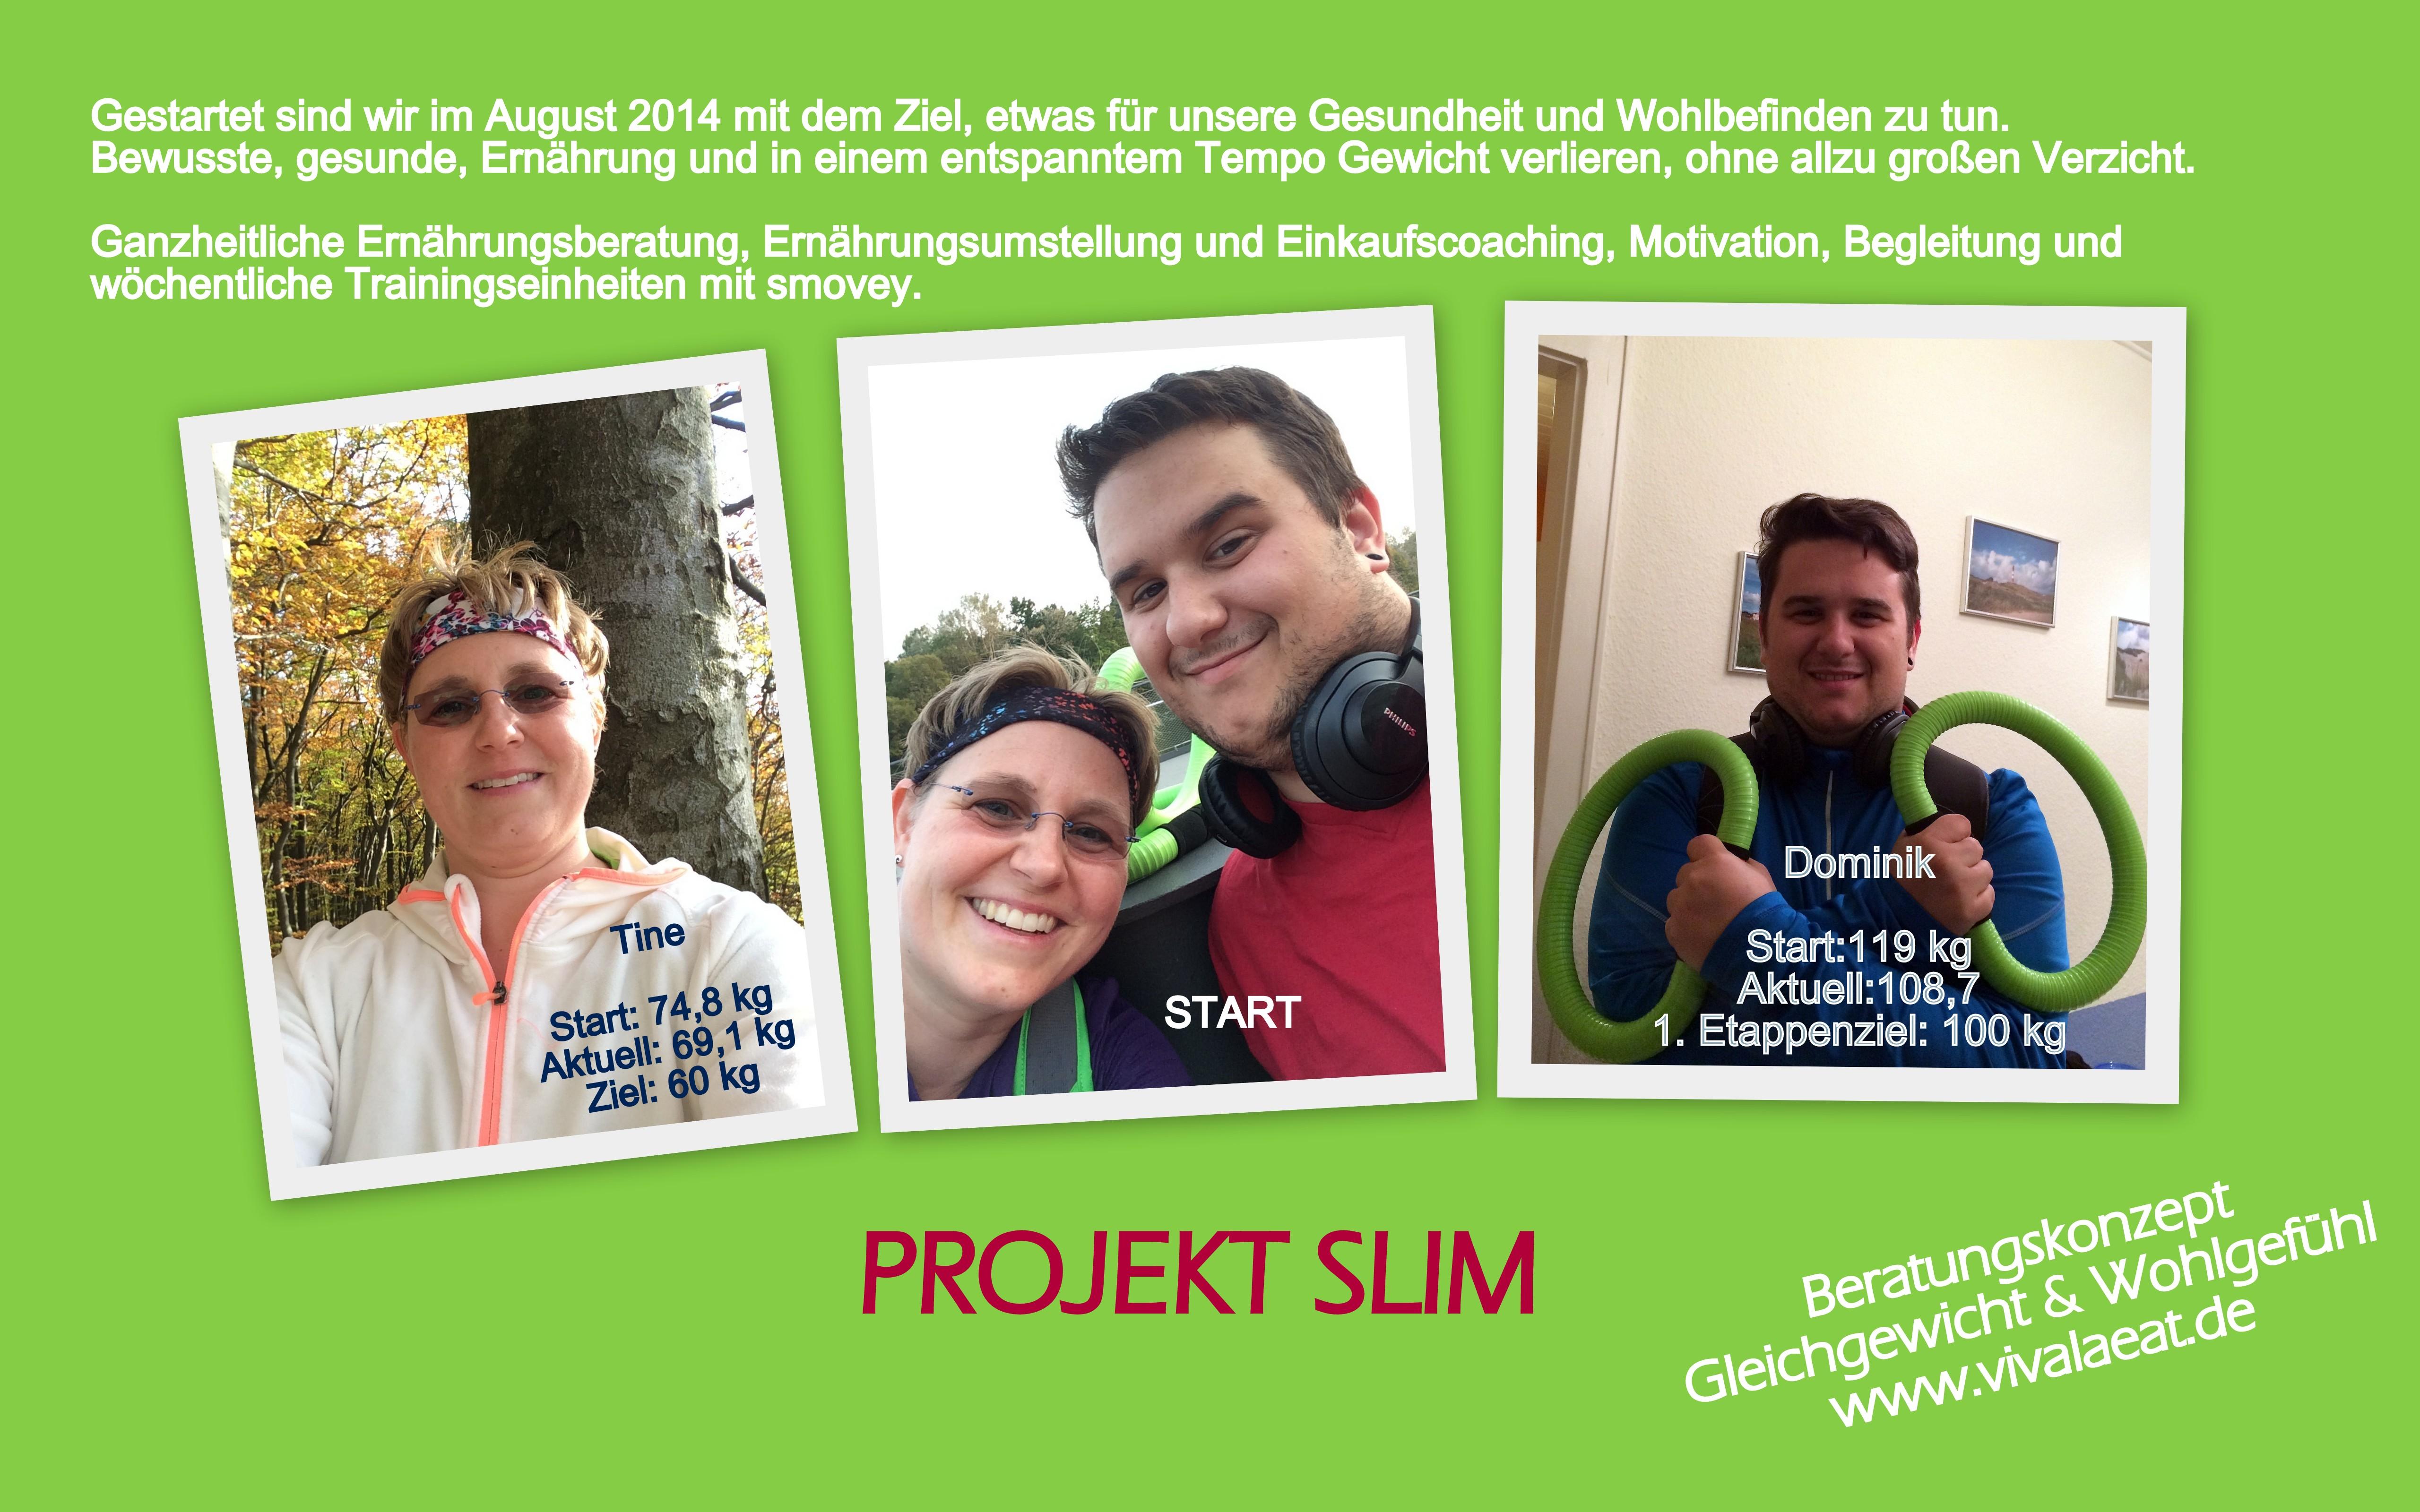 projekt slim für ein gutes Körpergefühl